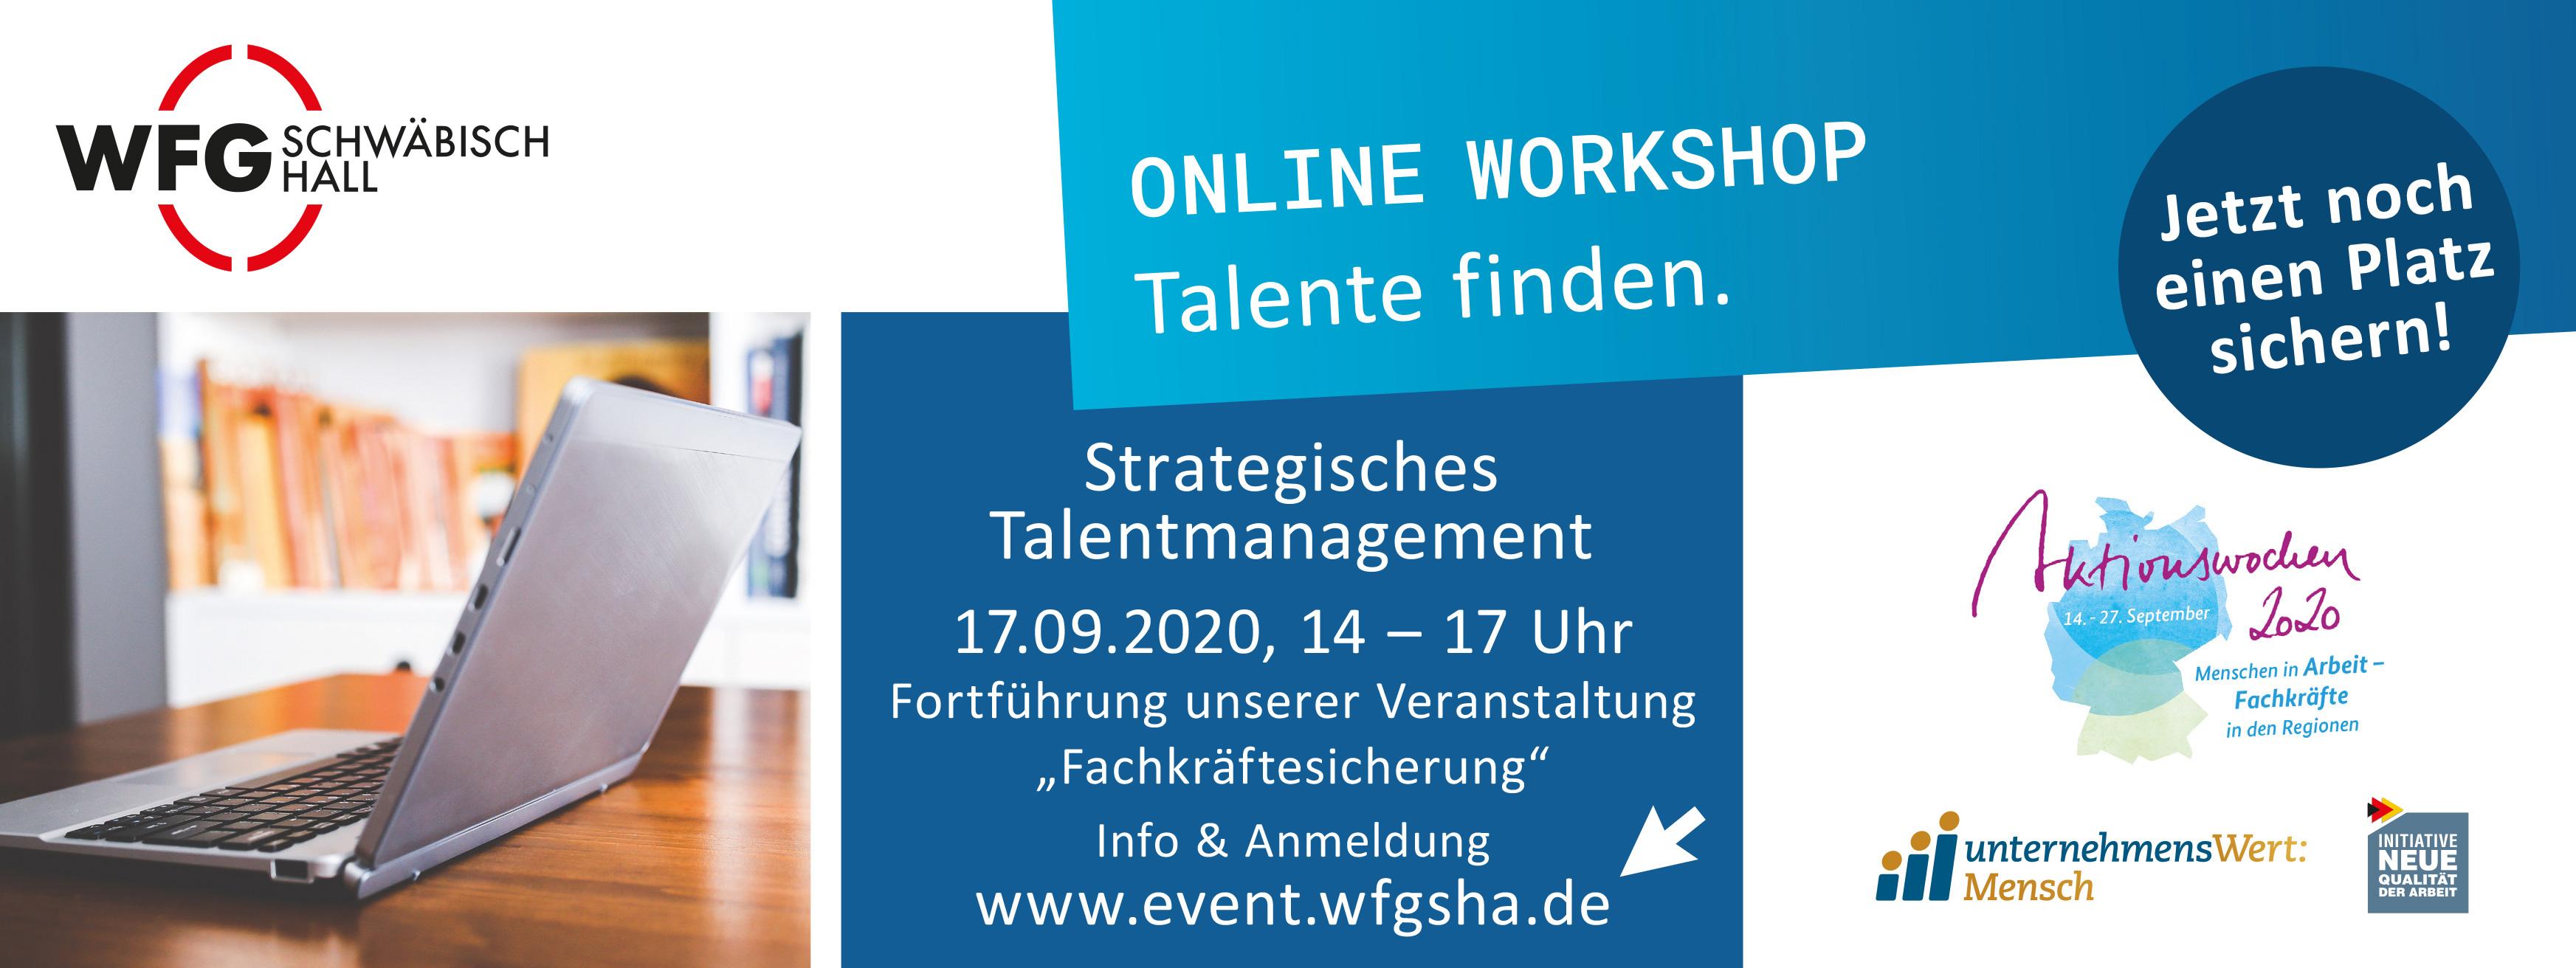 """Das Bild zeigt das WFG-Logo, ein Laptop-Bild, auf der rechten Seite die Logos der Aktionswoche zur Fachkr�ftesicherung 2020, von unternehmenWert:Mensch und INQA, sowie den Text """"Strategisches Talentmanagement, 17.09.2020, 14-17 Uhr, Fortf�hrung unserer Veranstaltung """"Fachkr�ftesicherung"""" Info und Anmeldung www.event.wfgsha.de """""""